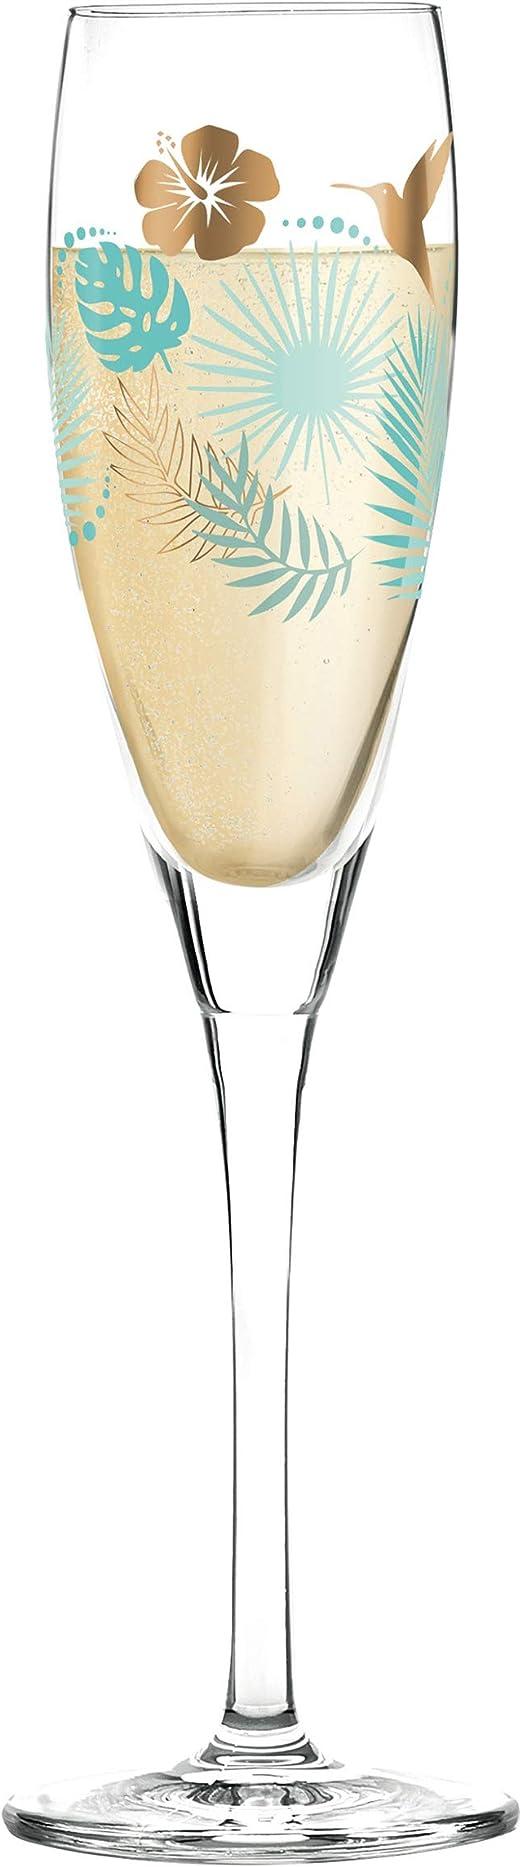 Bicchiere da Champagne 3250016 2,5 x 2,5 cm x 22 cm, Colore: Multicolore 6,35 RITZENHOFF Pearls